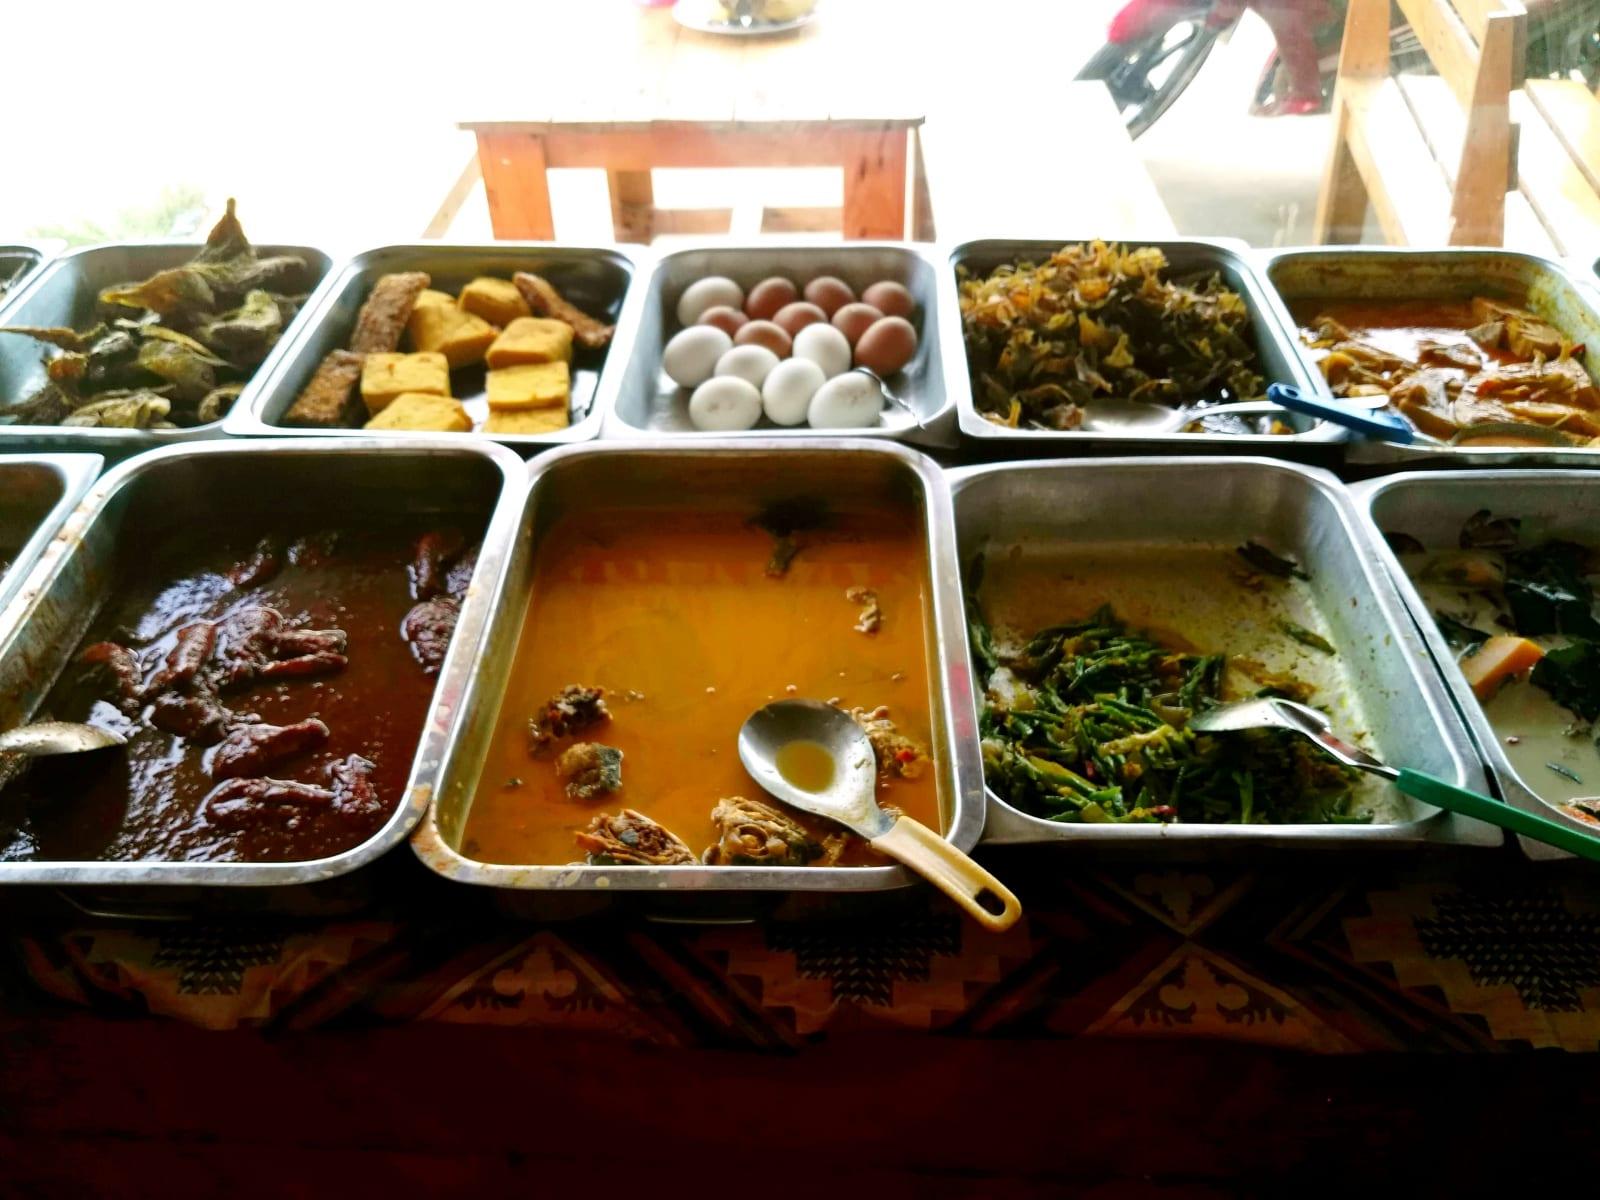 Oblíbený styl restaurací, vybrat si můžete co chcete, platí se za druhy jídla nikoli za množství